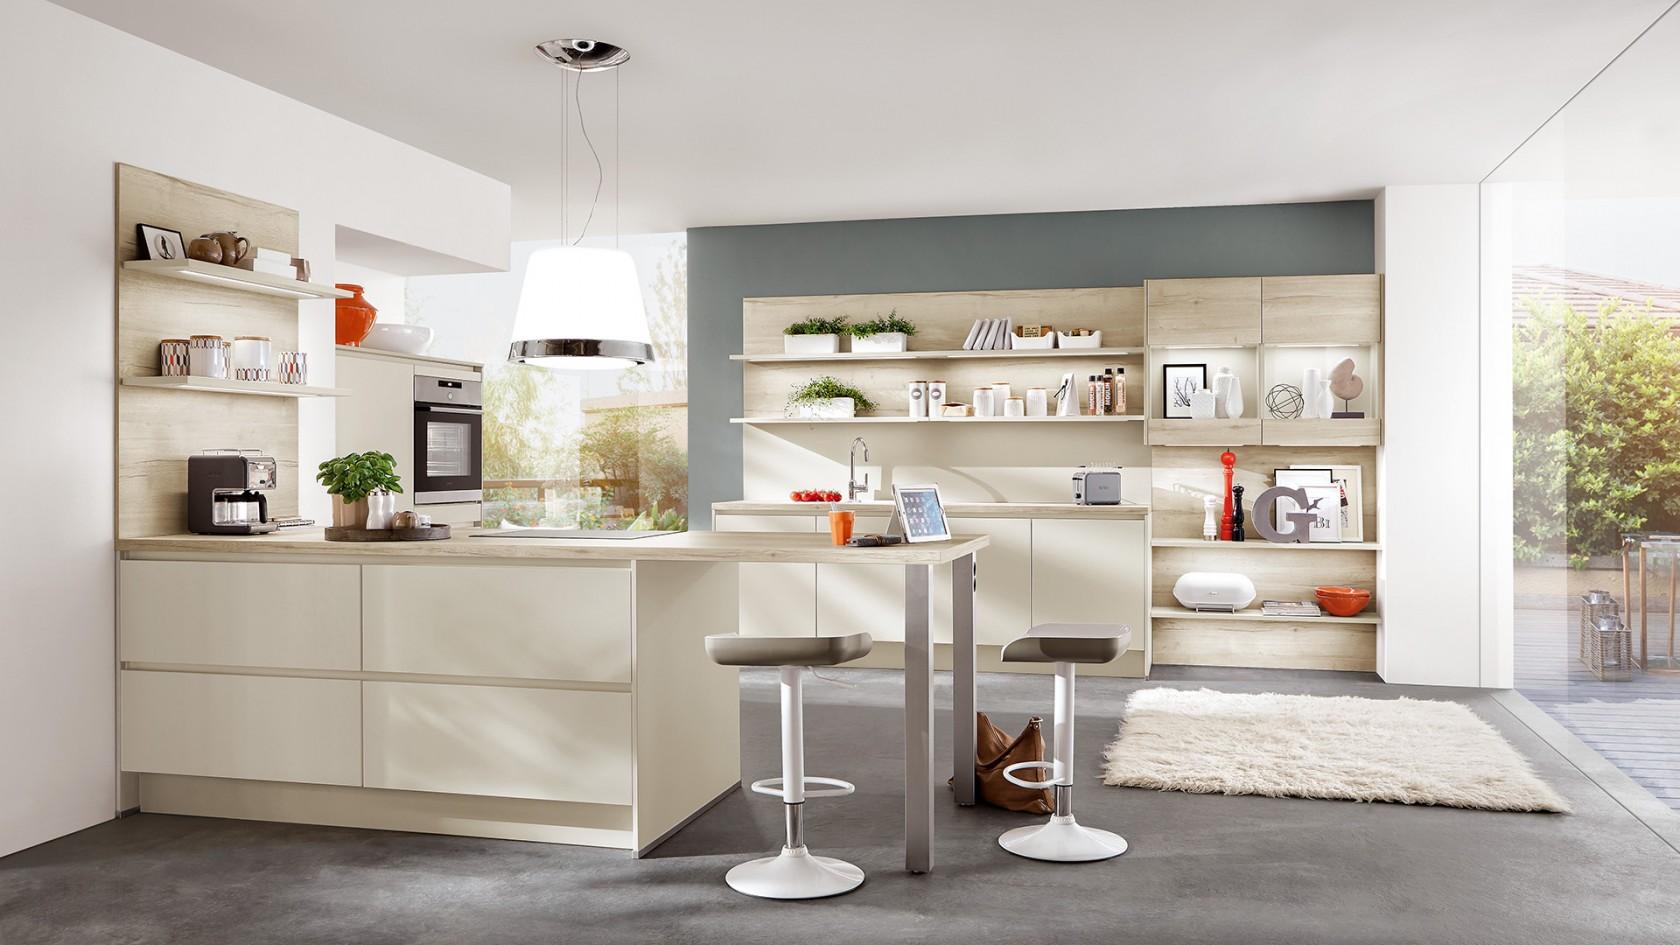 k chenstudio k chen nordhorn m bel nordhorn m bel faber. Black Bedroom Furniture Sets. Home Design Ideas